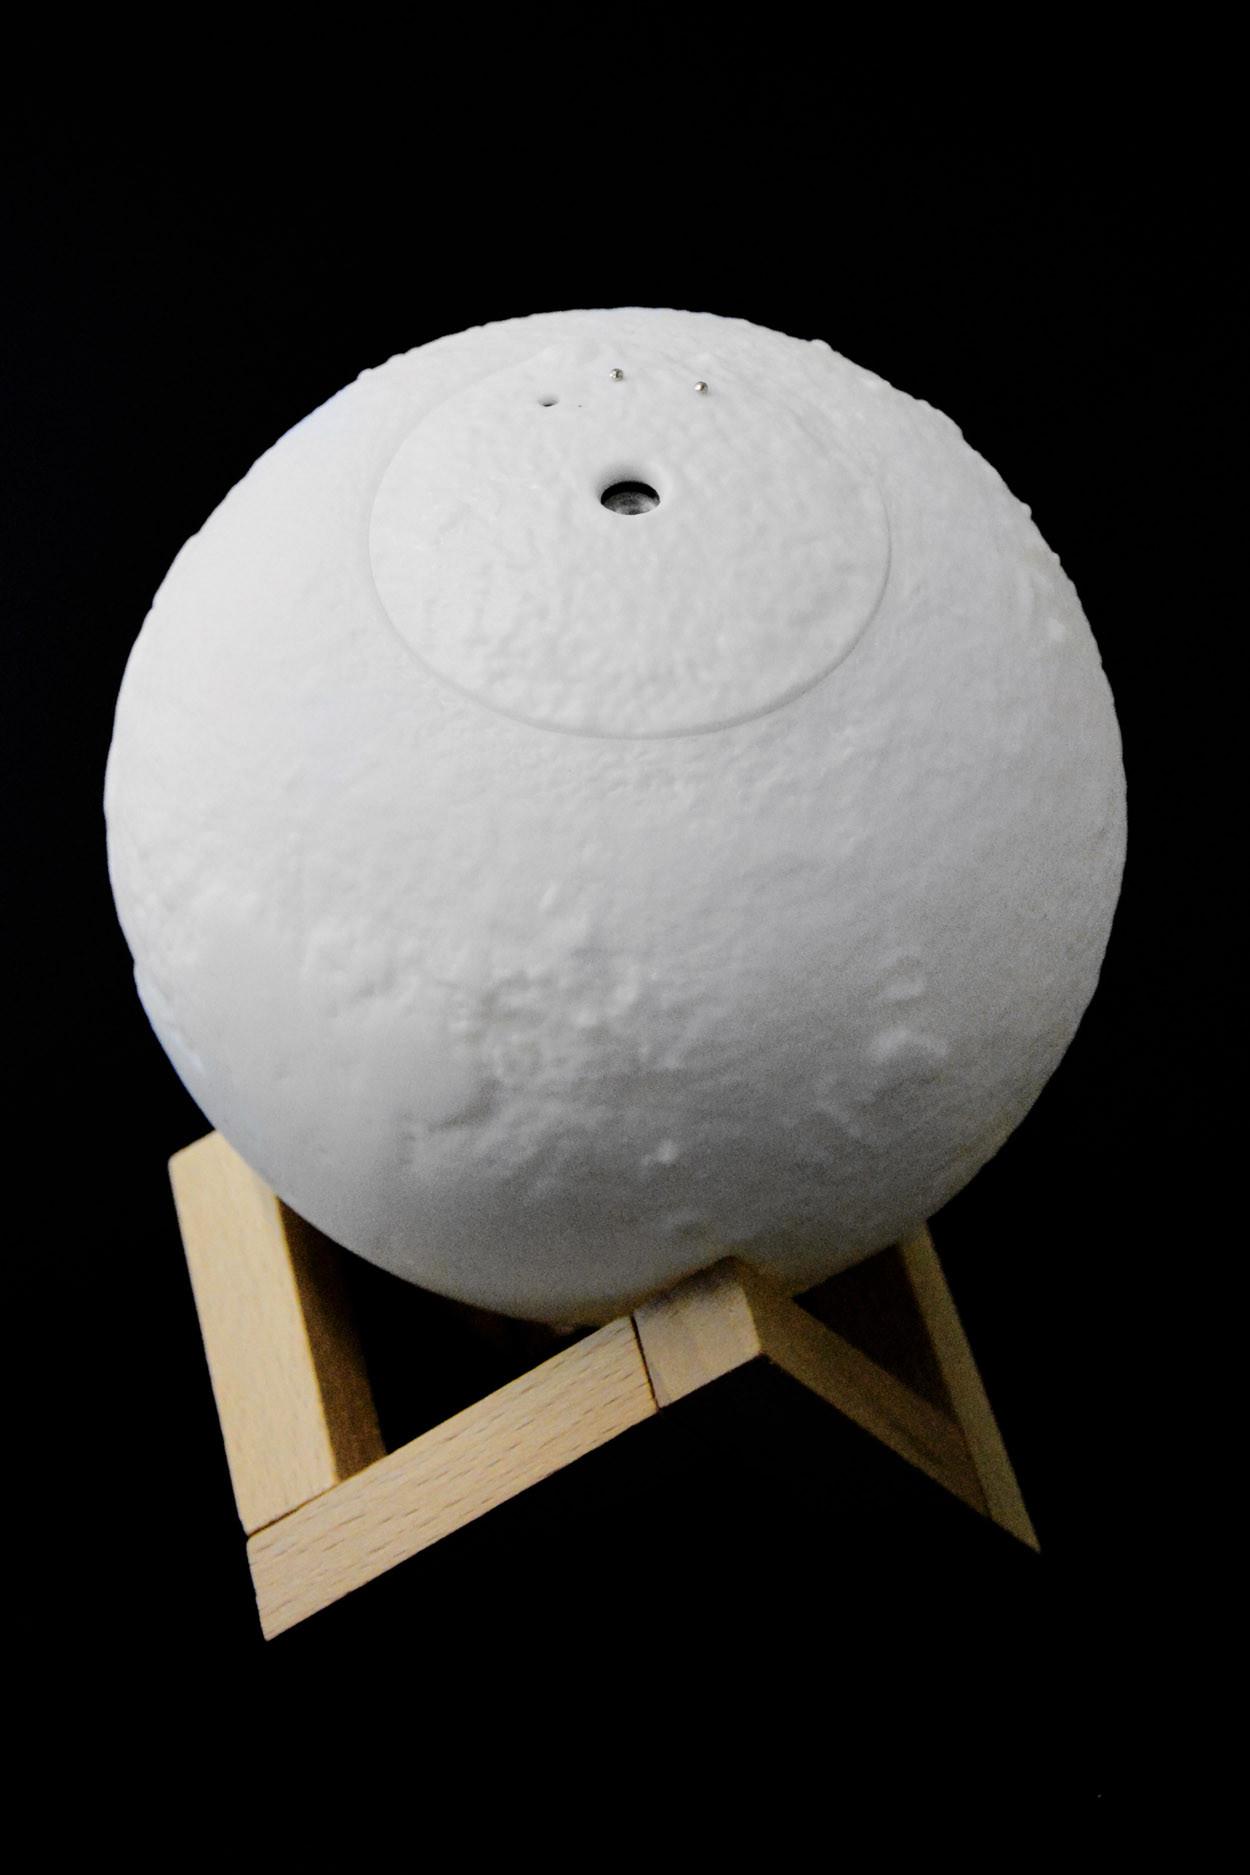 Ночник увлажнитель Луна 12 см